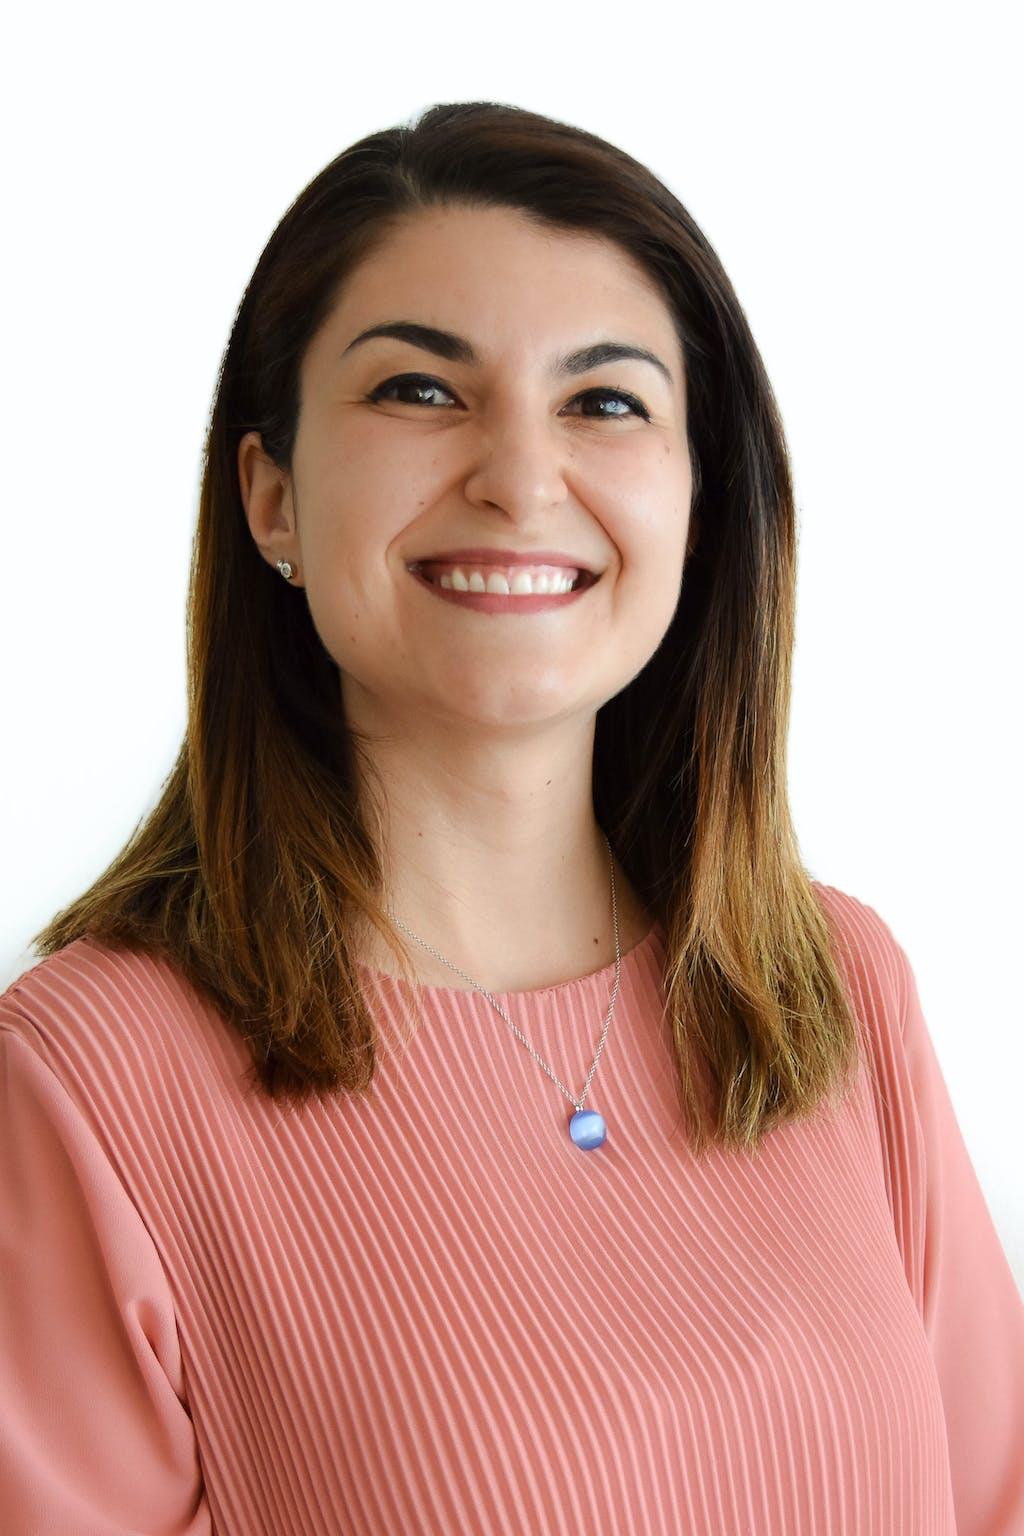 Portrait von Manuela Russo